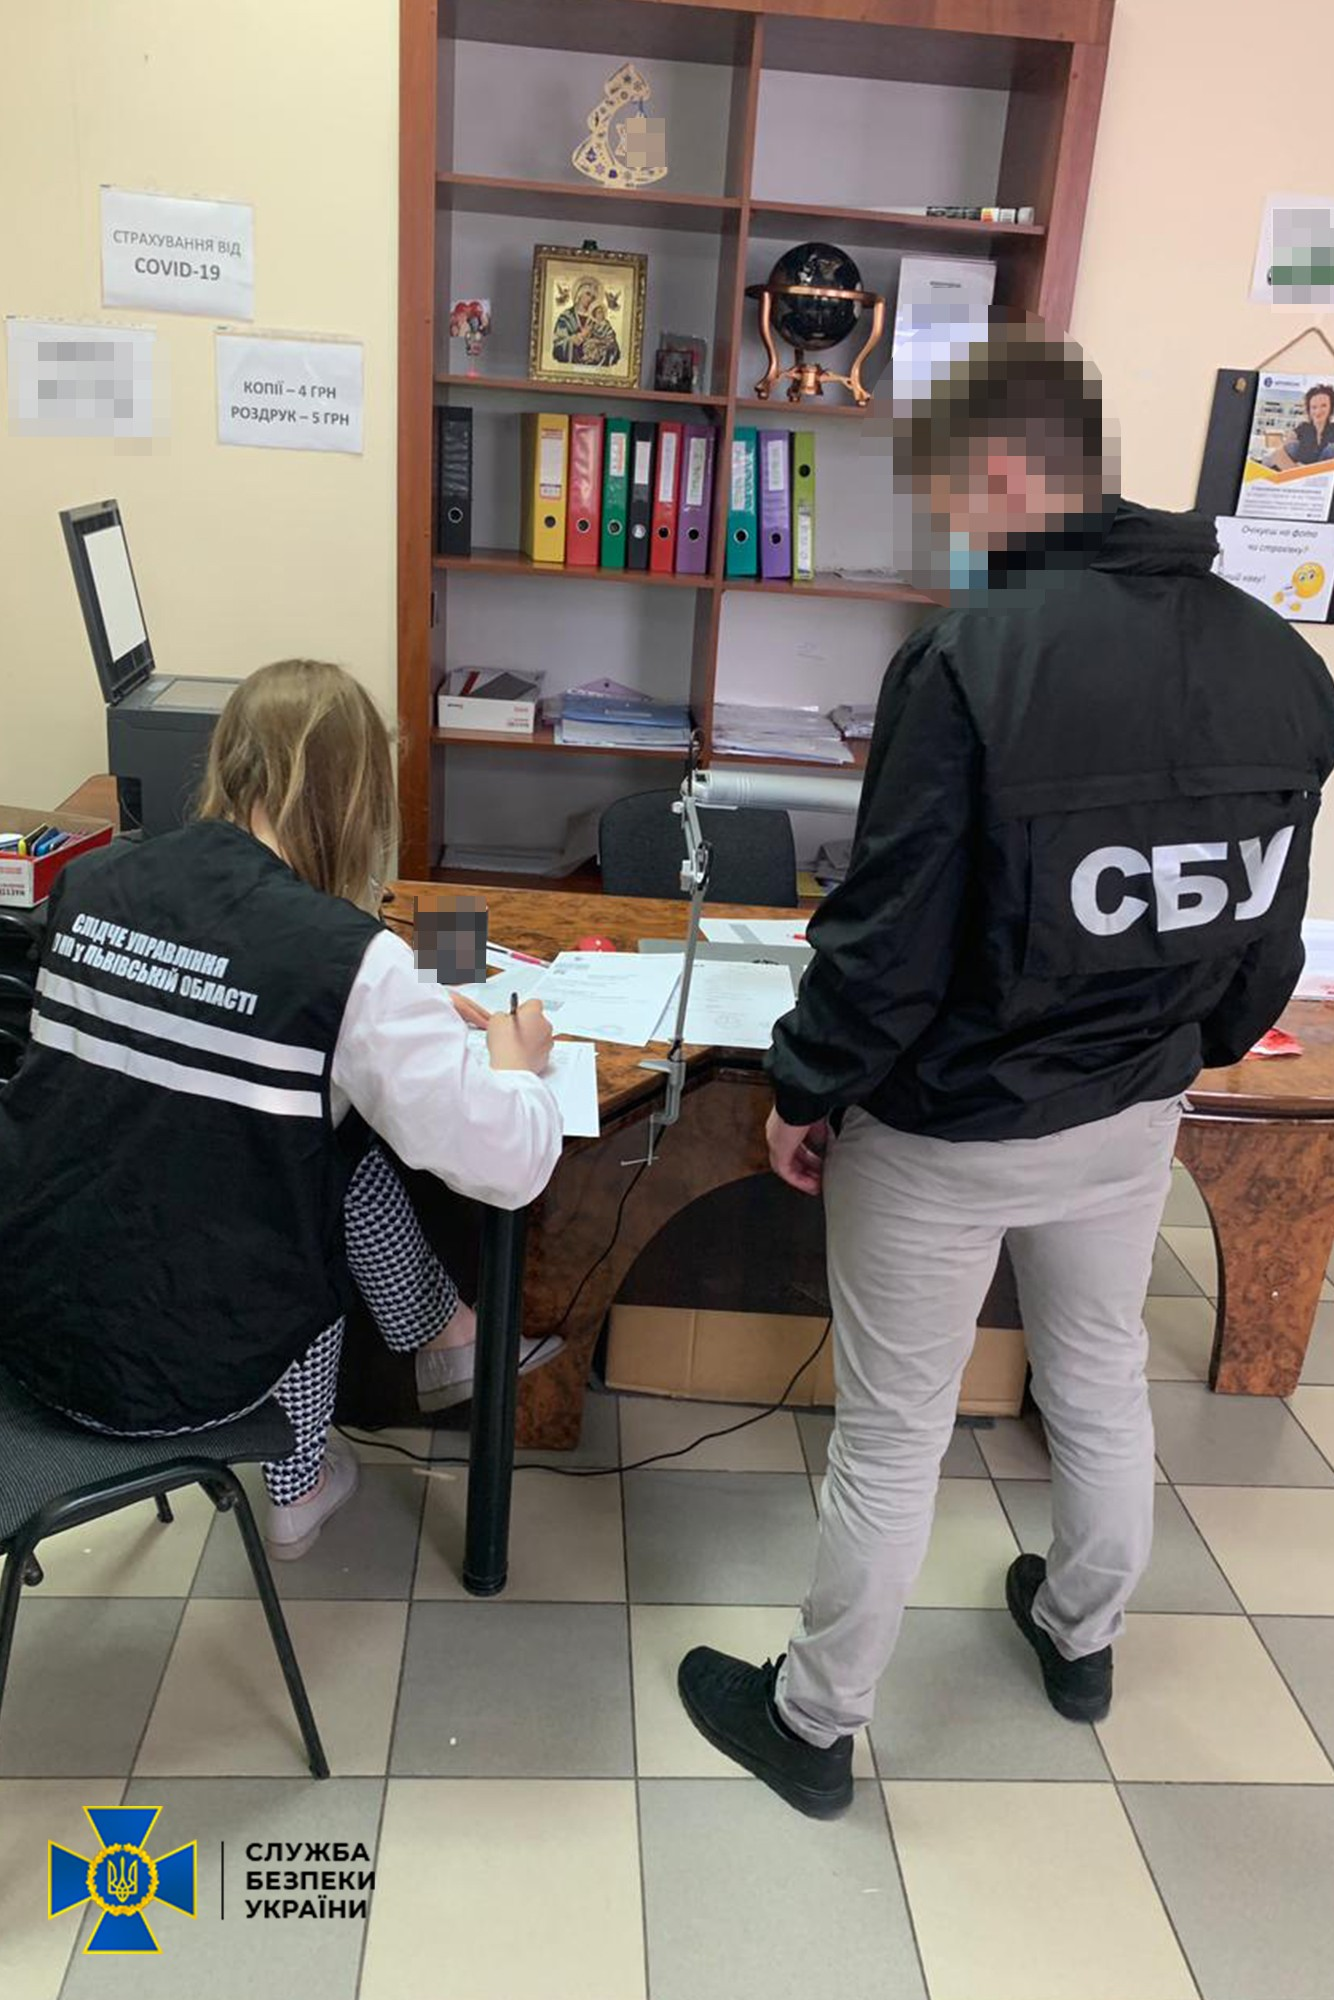 Во Львовской области СБУ заблокировала схему масштабной фальсификации результатов ПЦР-тестов на COVID-19.